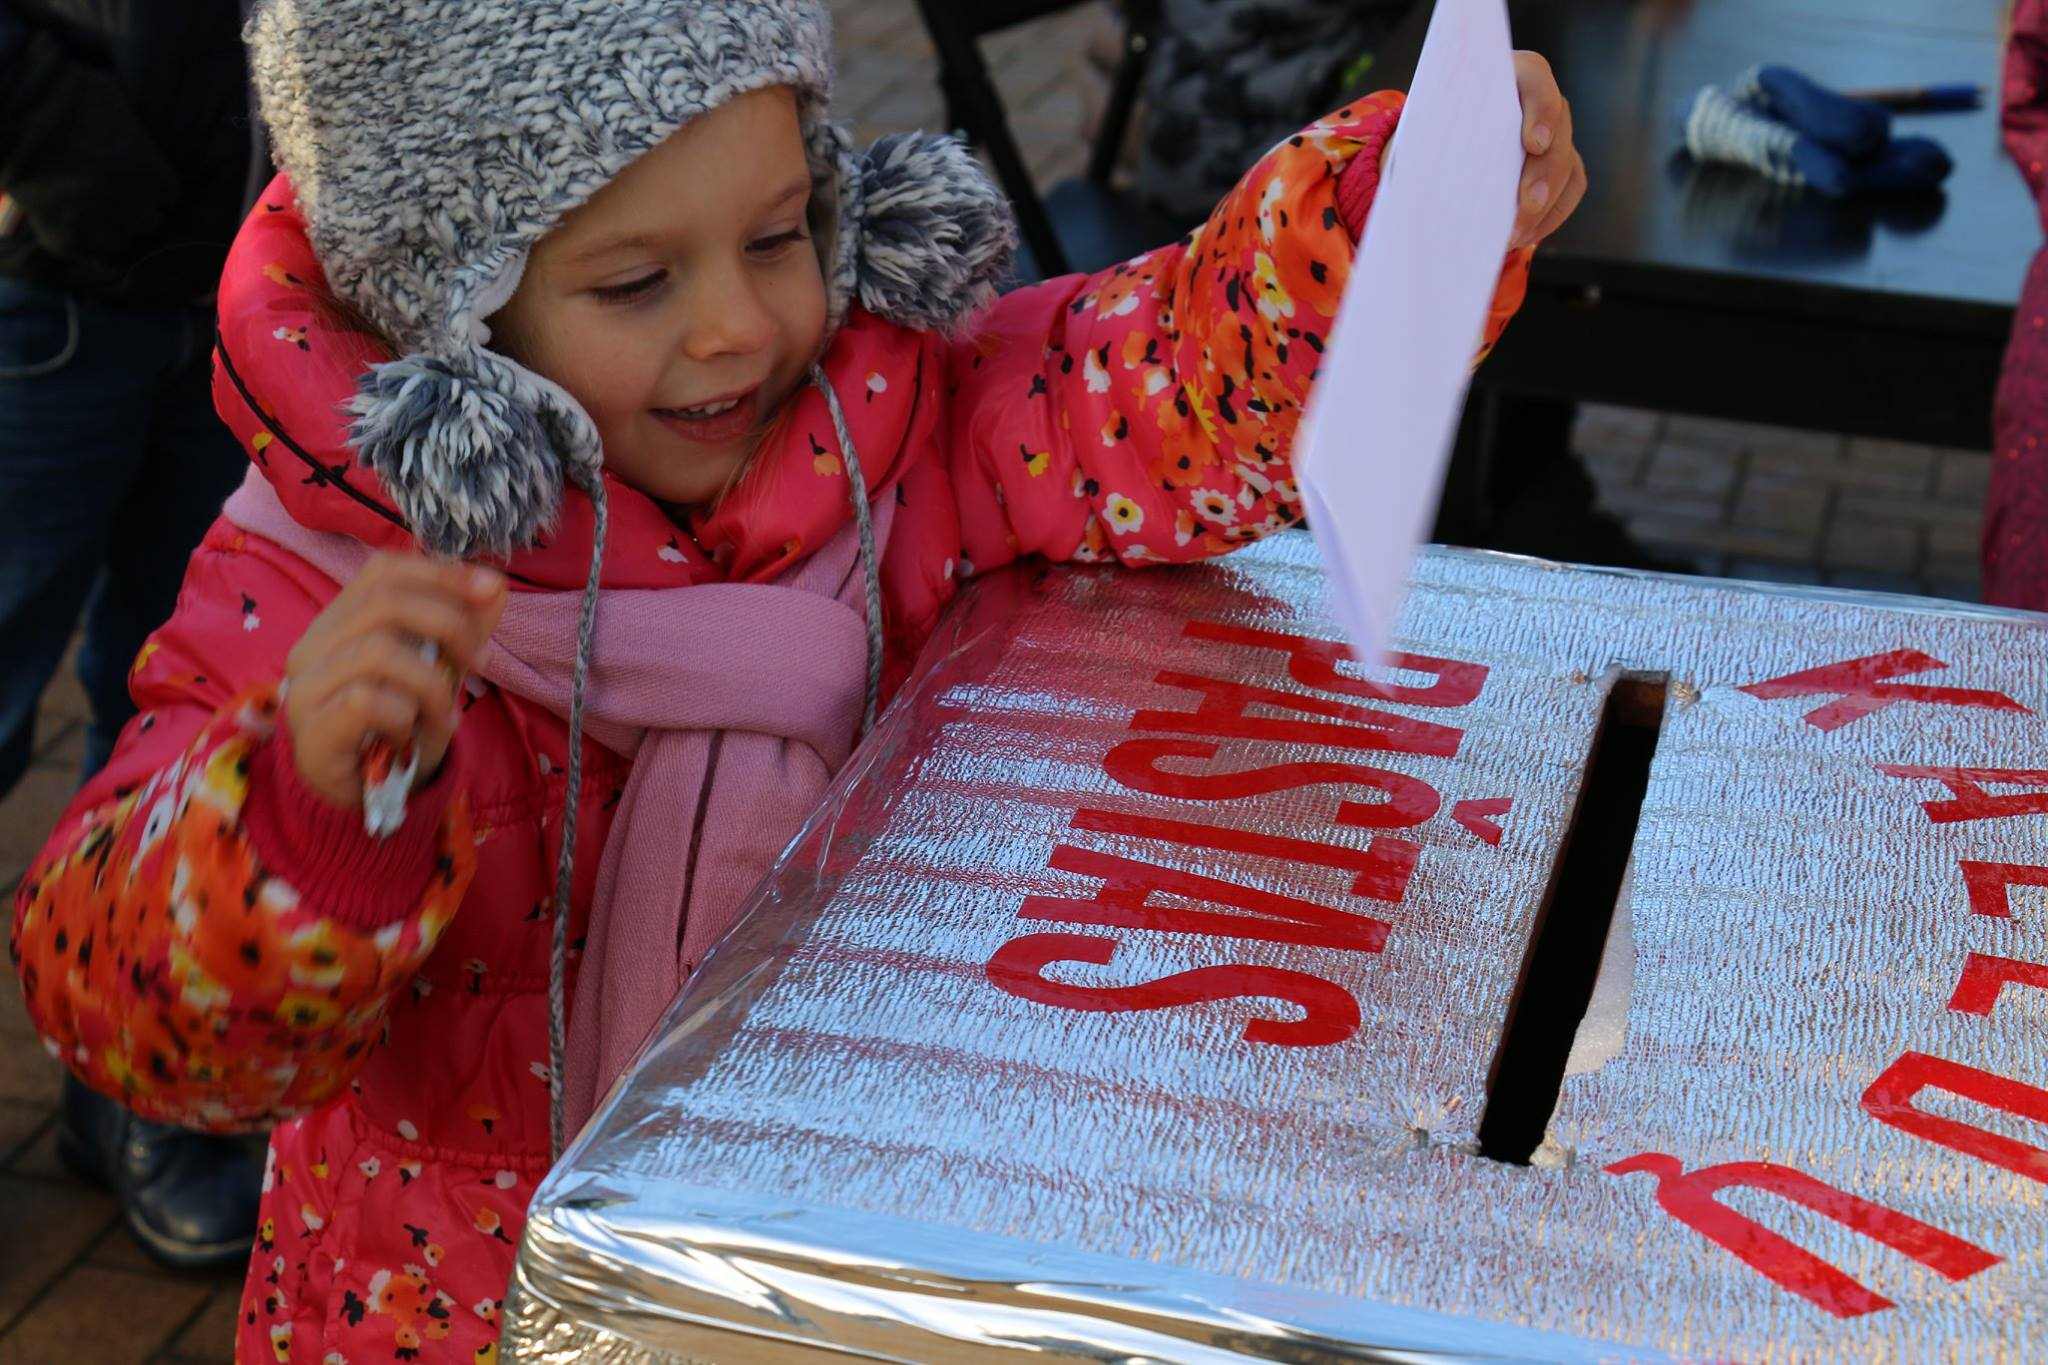 Kalėdų pašte visi galės išsiųsti laišką Kalėdų Seneliui, o nurodžius savo adresą – net sulaukti jo sveikinimo